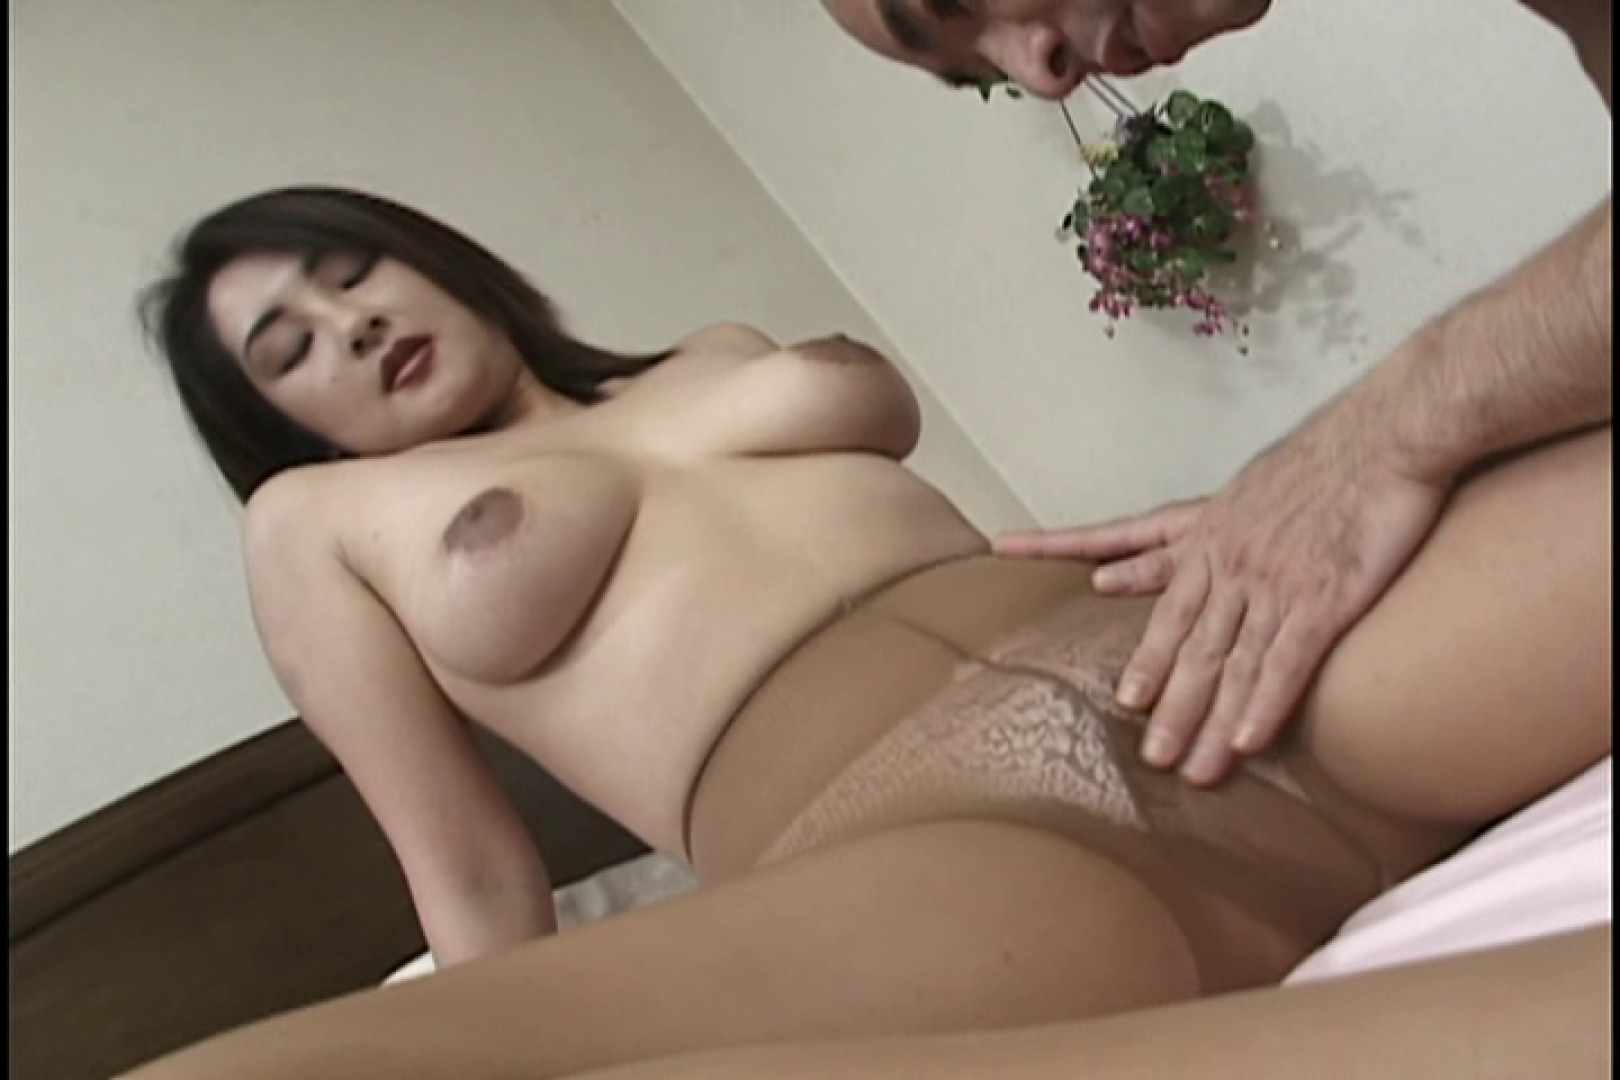 エロフェロモン全開の90センチ巨乳の淫乱人妻とSEX~篠崎麻美~ バイブ  69pic 62